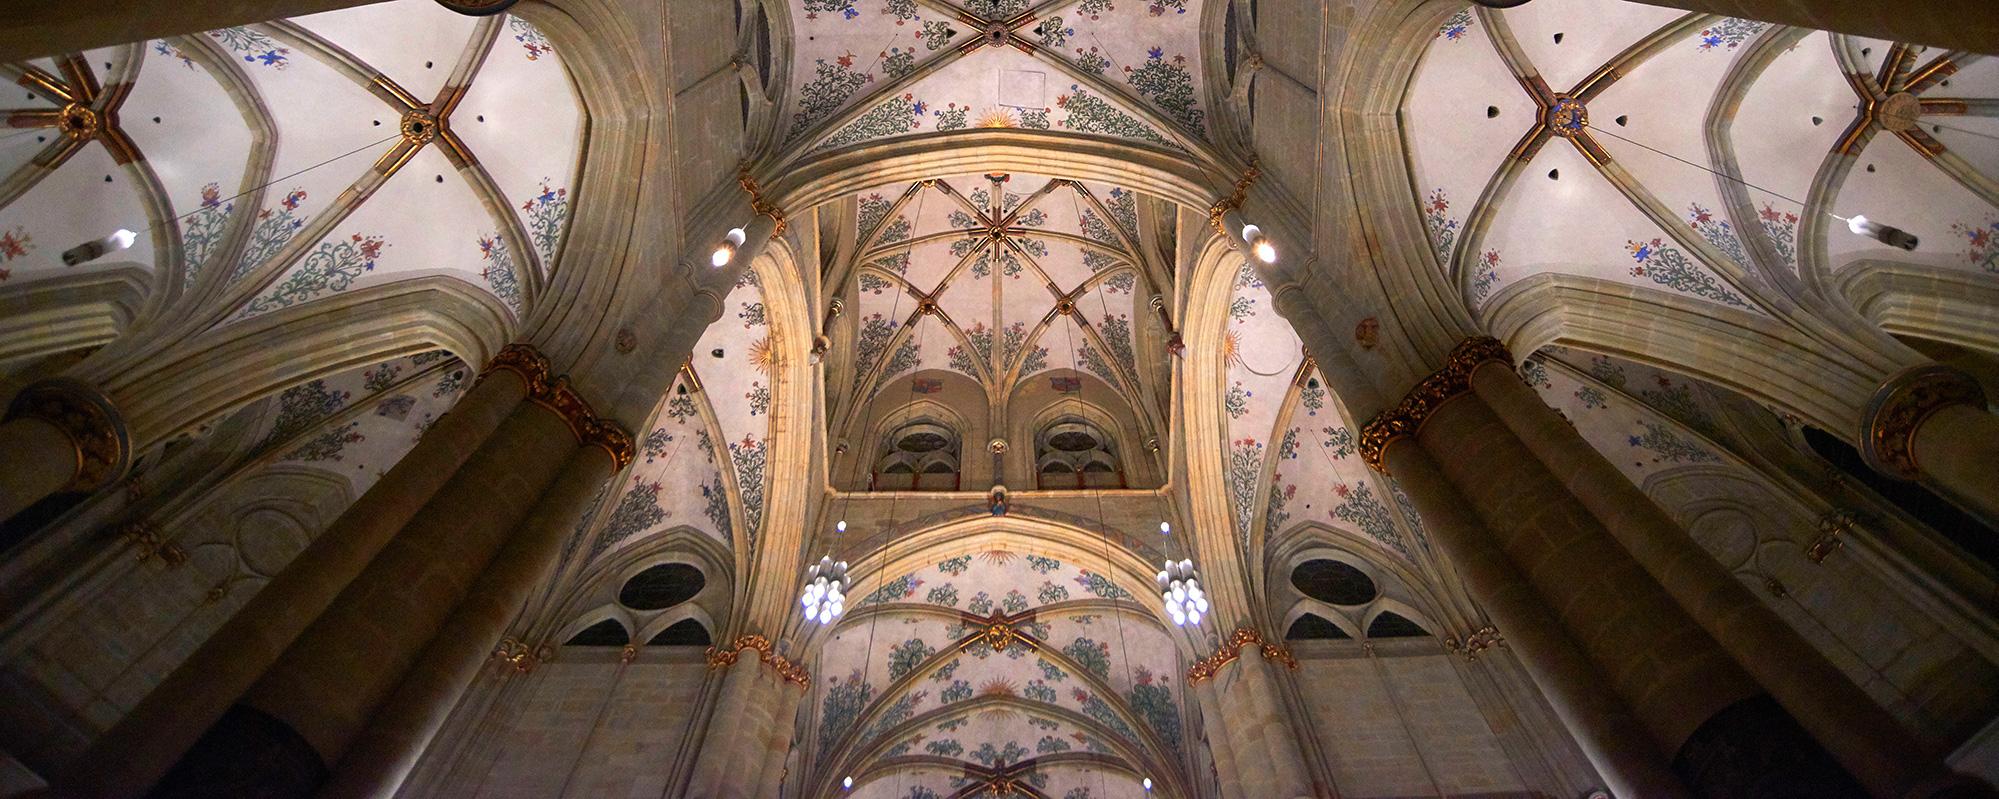 Ein hell erleuchtetes Deckengewölbe einer Kirche mit blauen Ornamenten und roten Ausläufern.